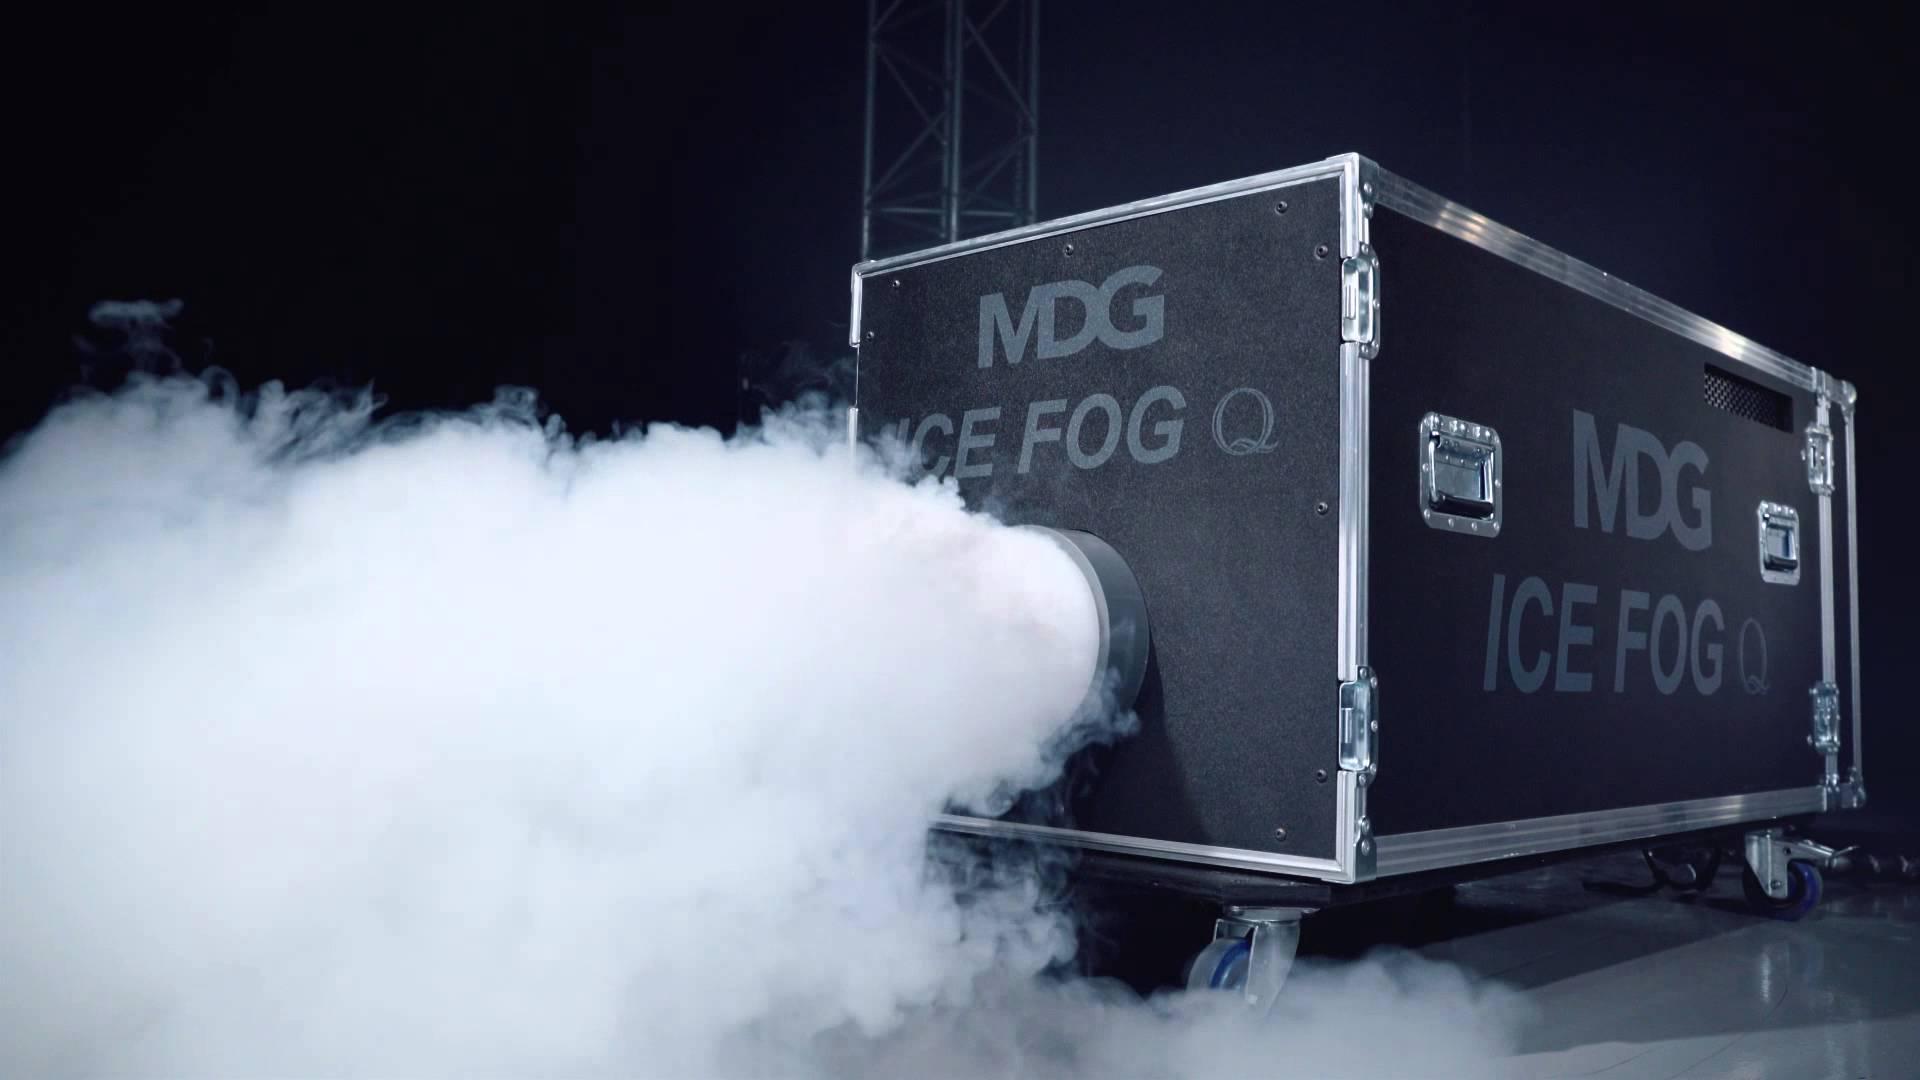 Mdg Ice Fog Compack High Pressure Low Fog Machine Mega